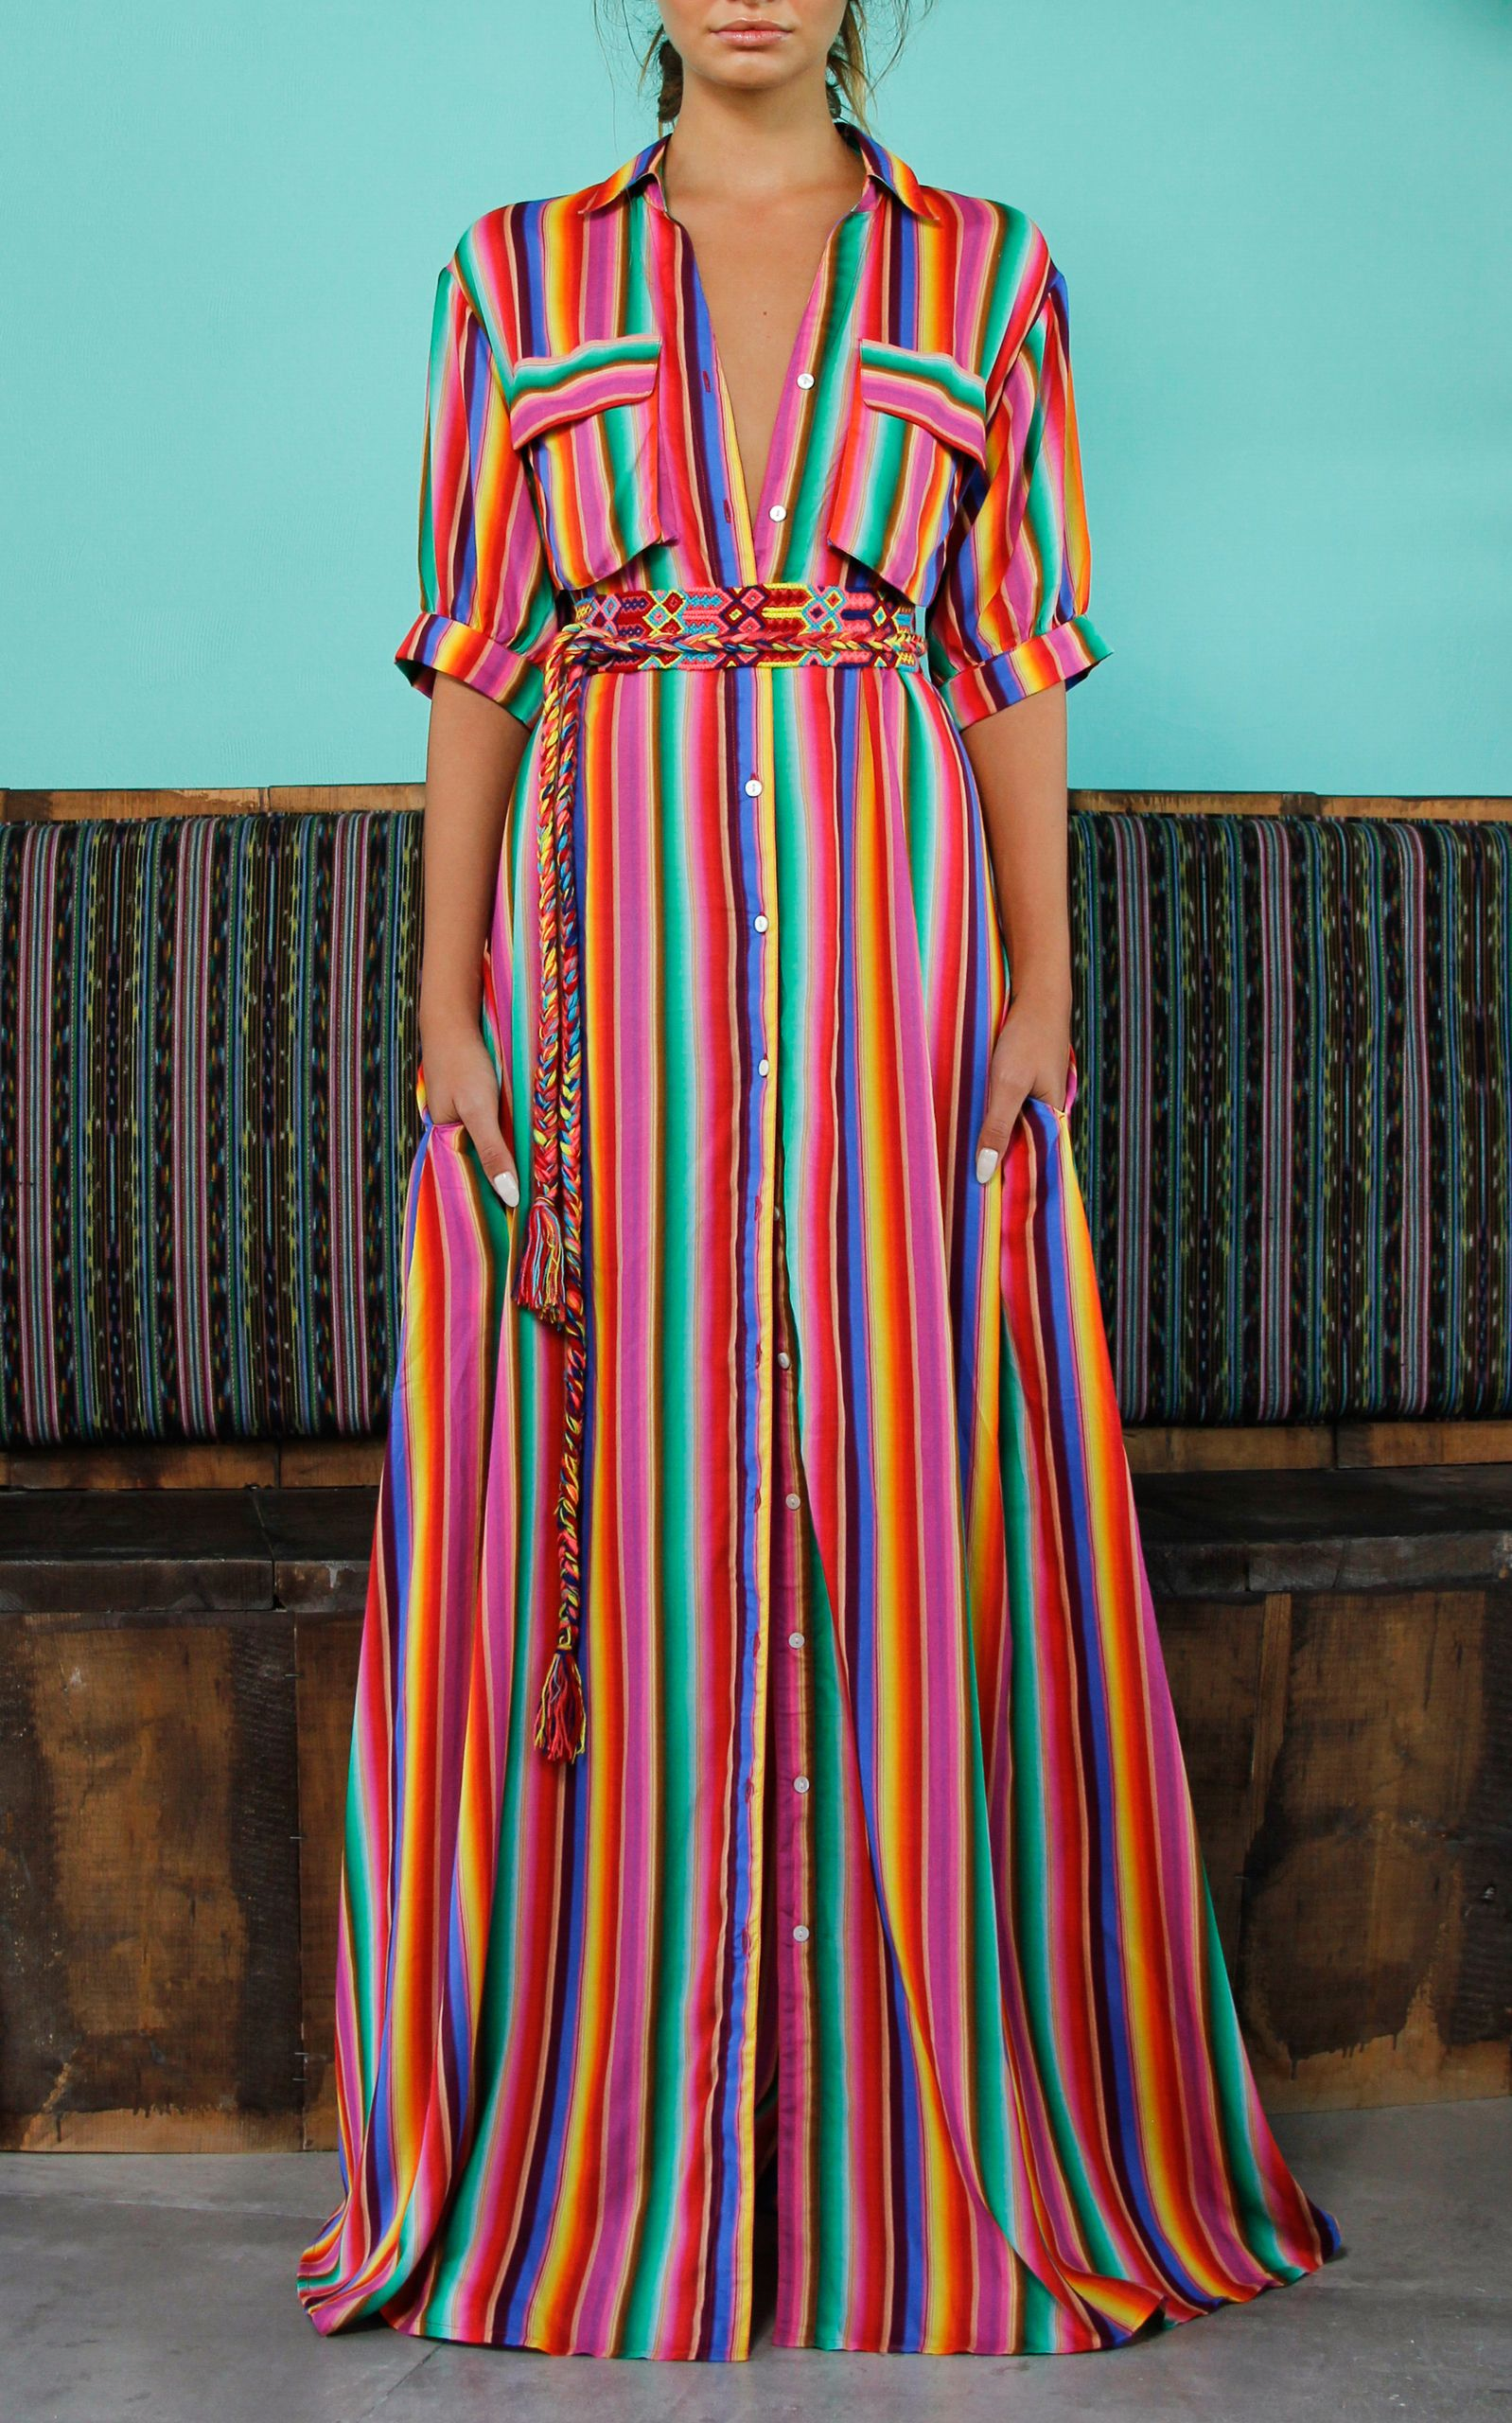 Stunning Isabel Marant 201 Toile Lyukio Embroidered Cotton